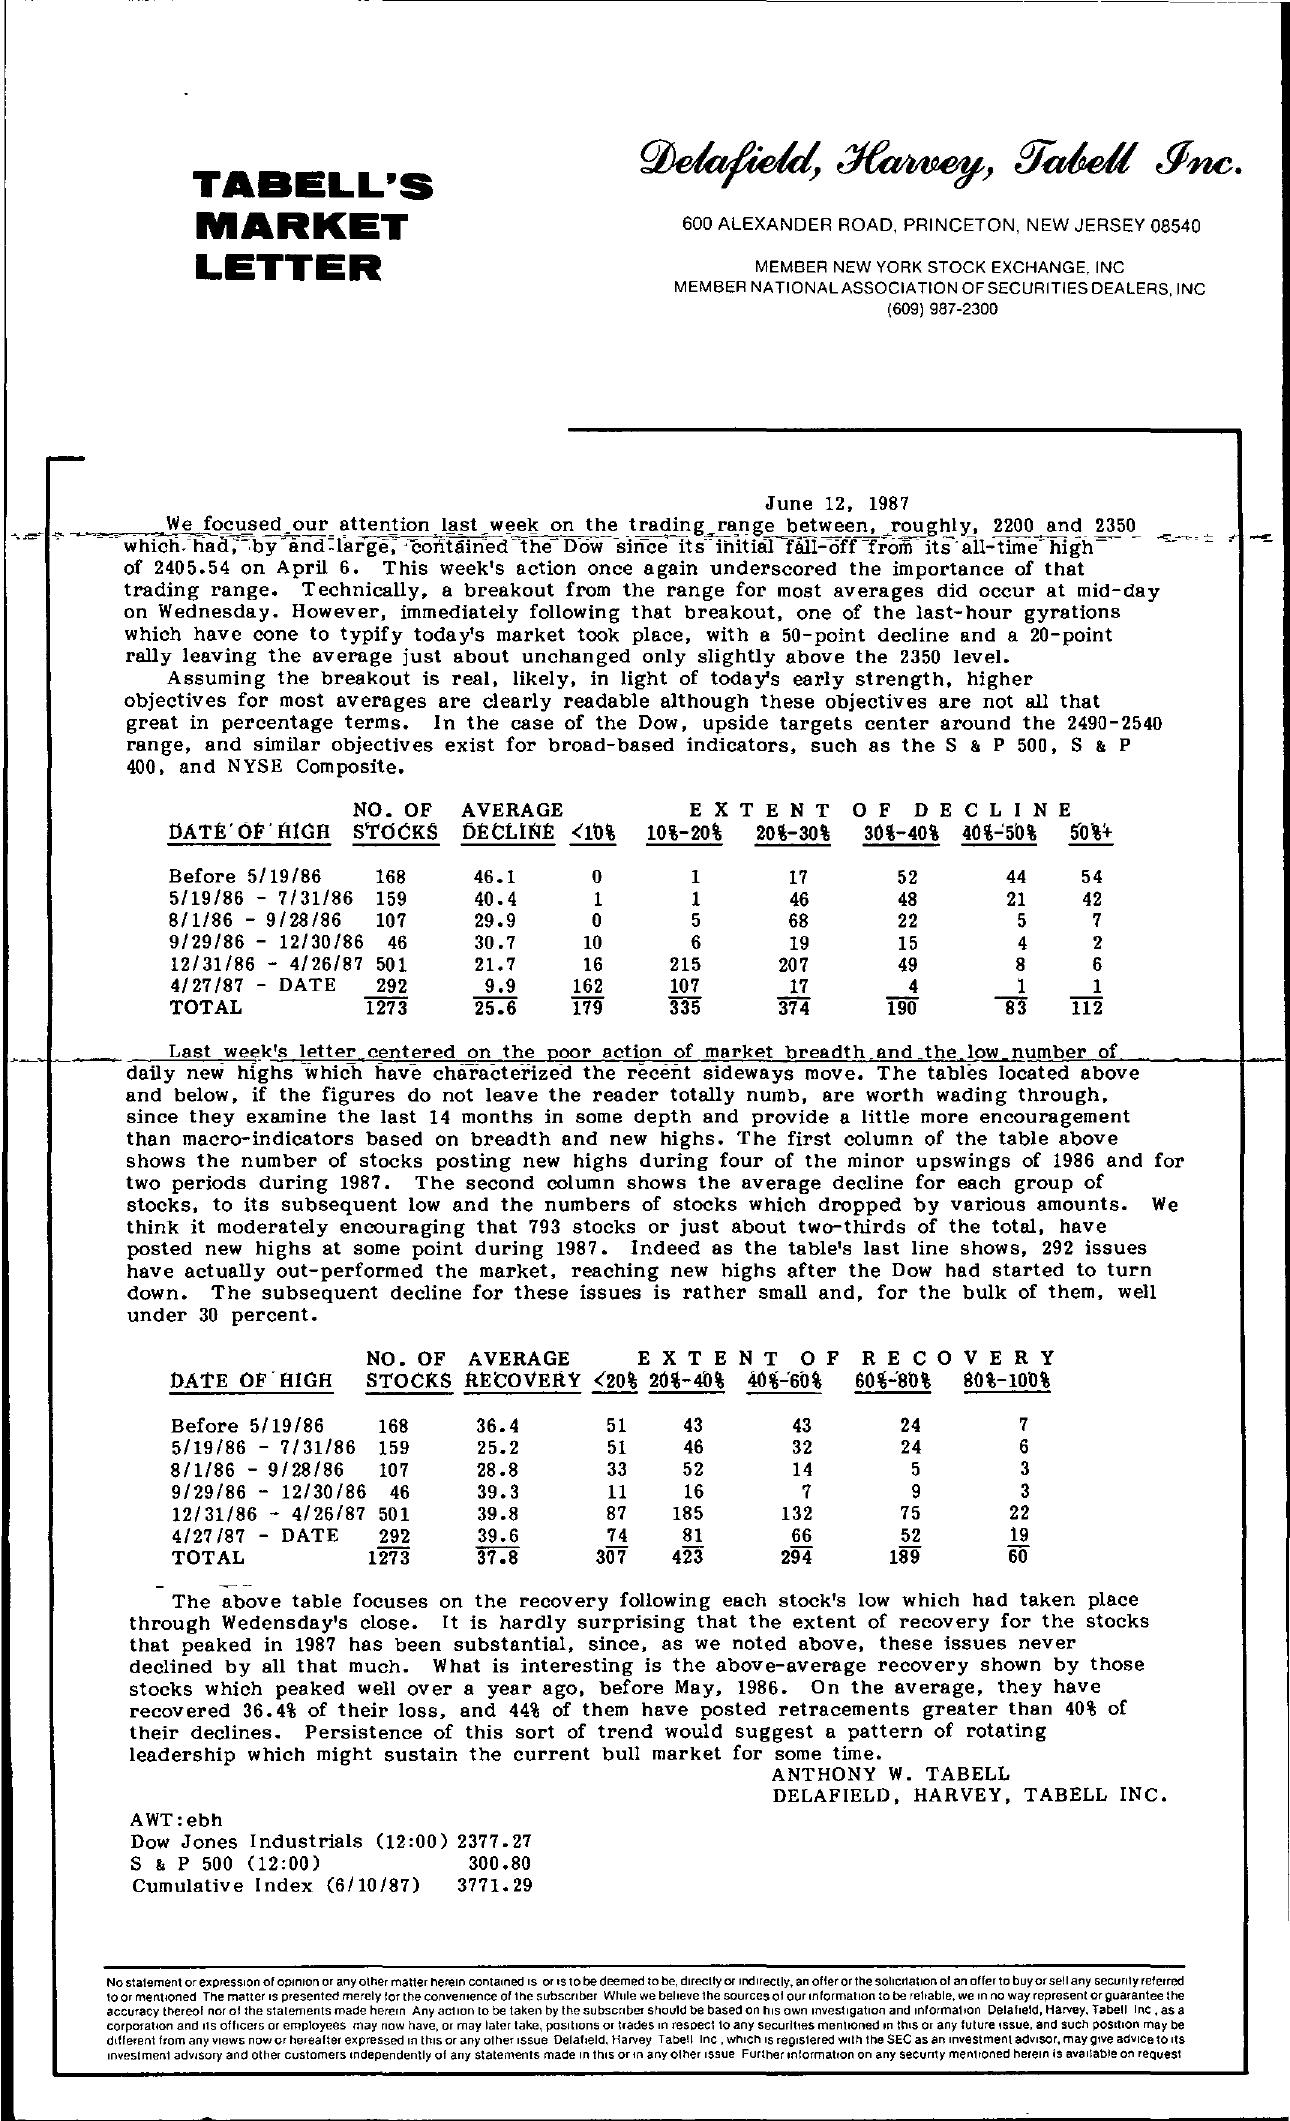 Tabell's Market Letter - June 12, 1987